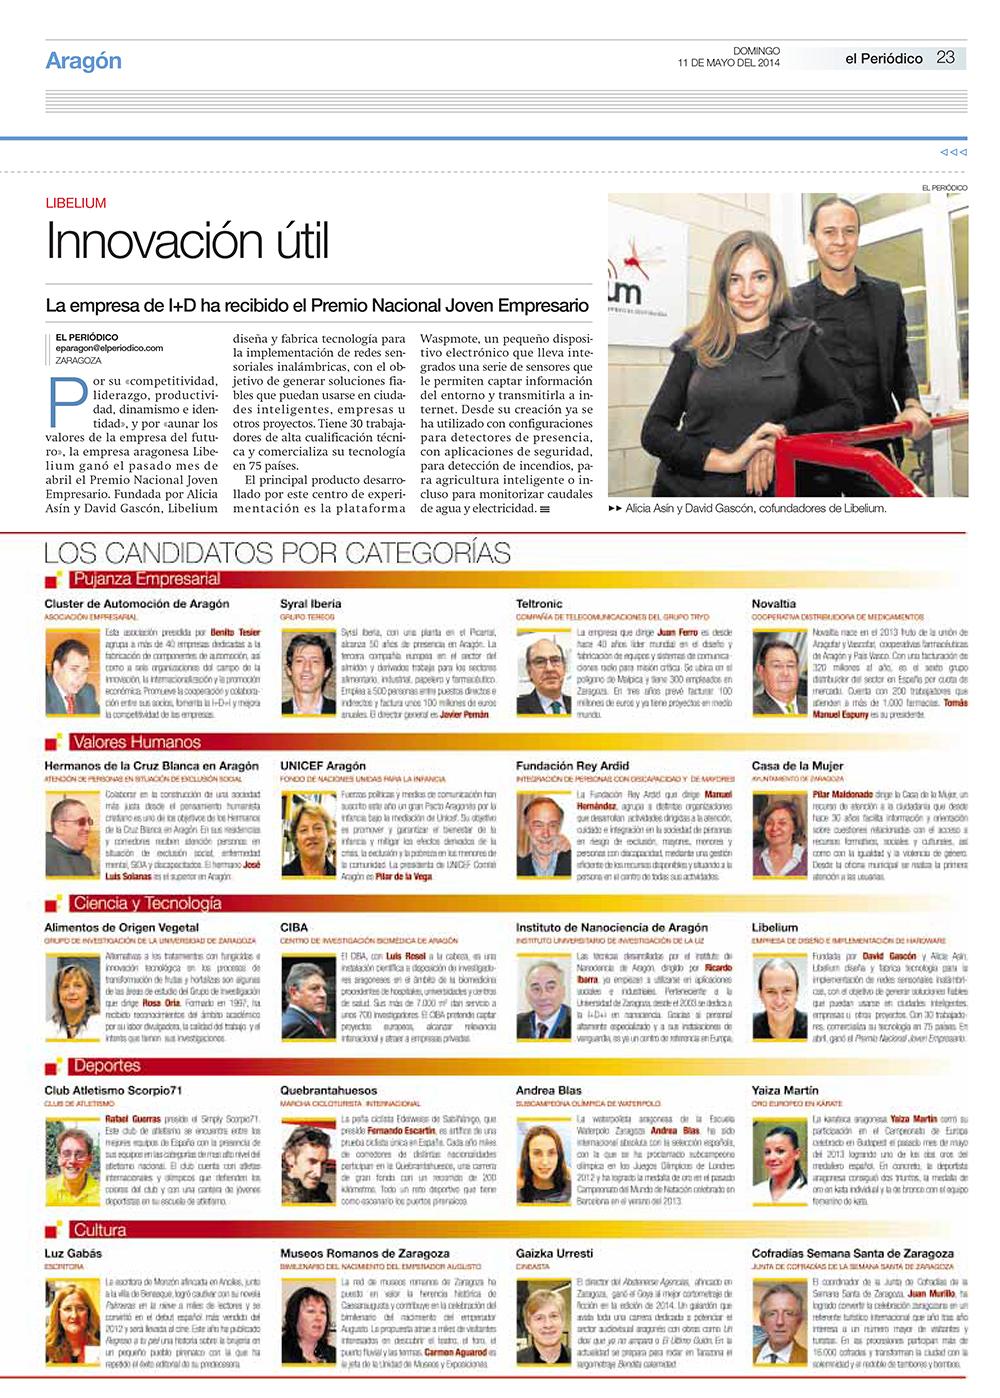 El Periódico de Aragón - Innovación útil